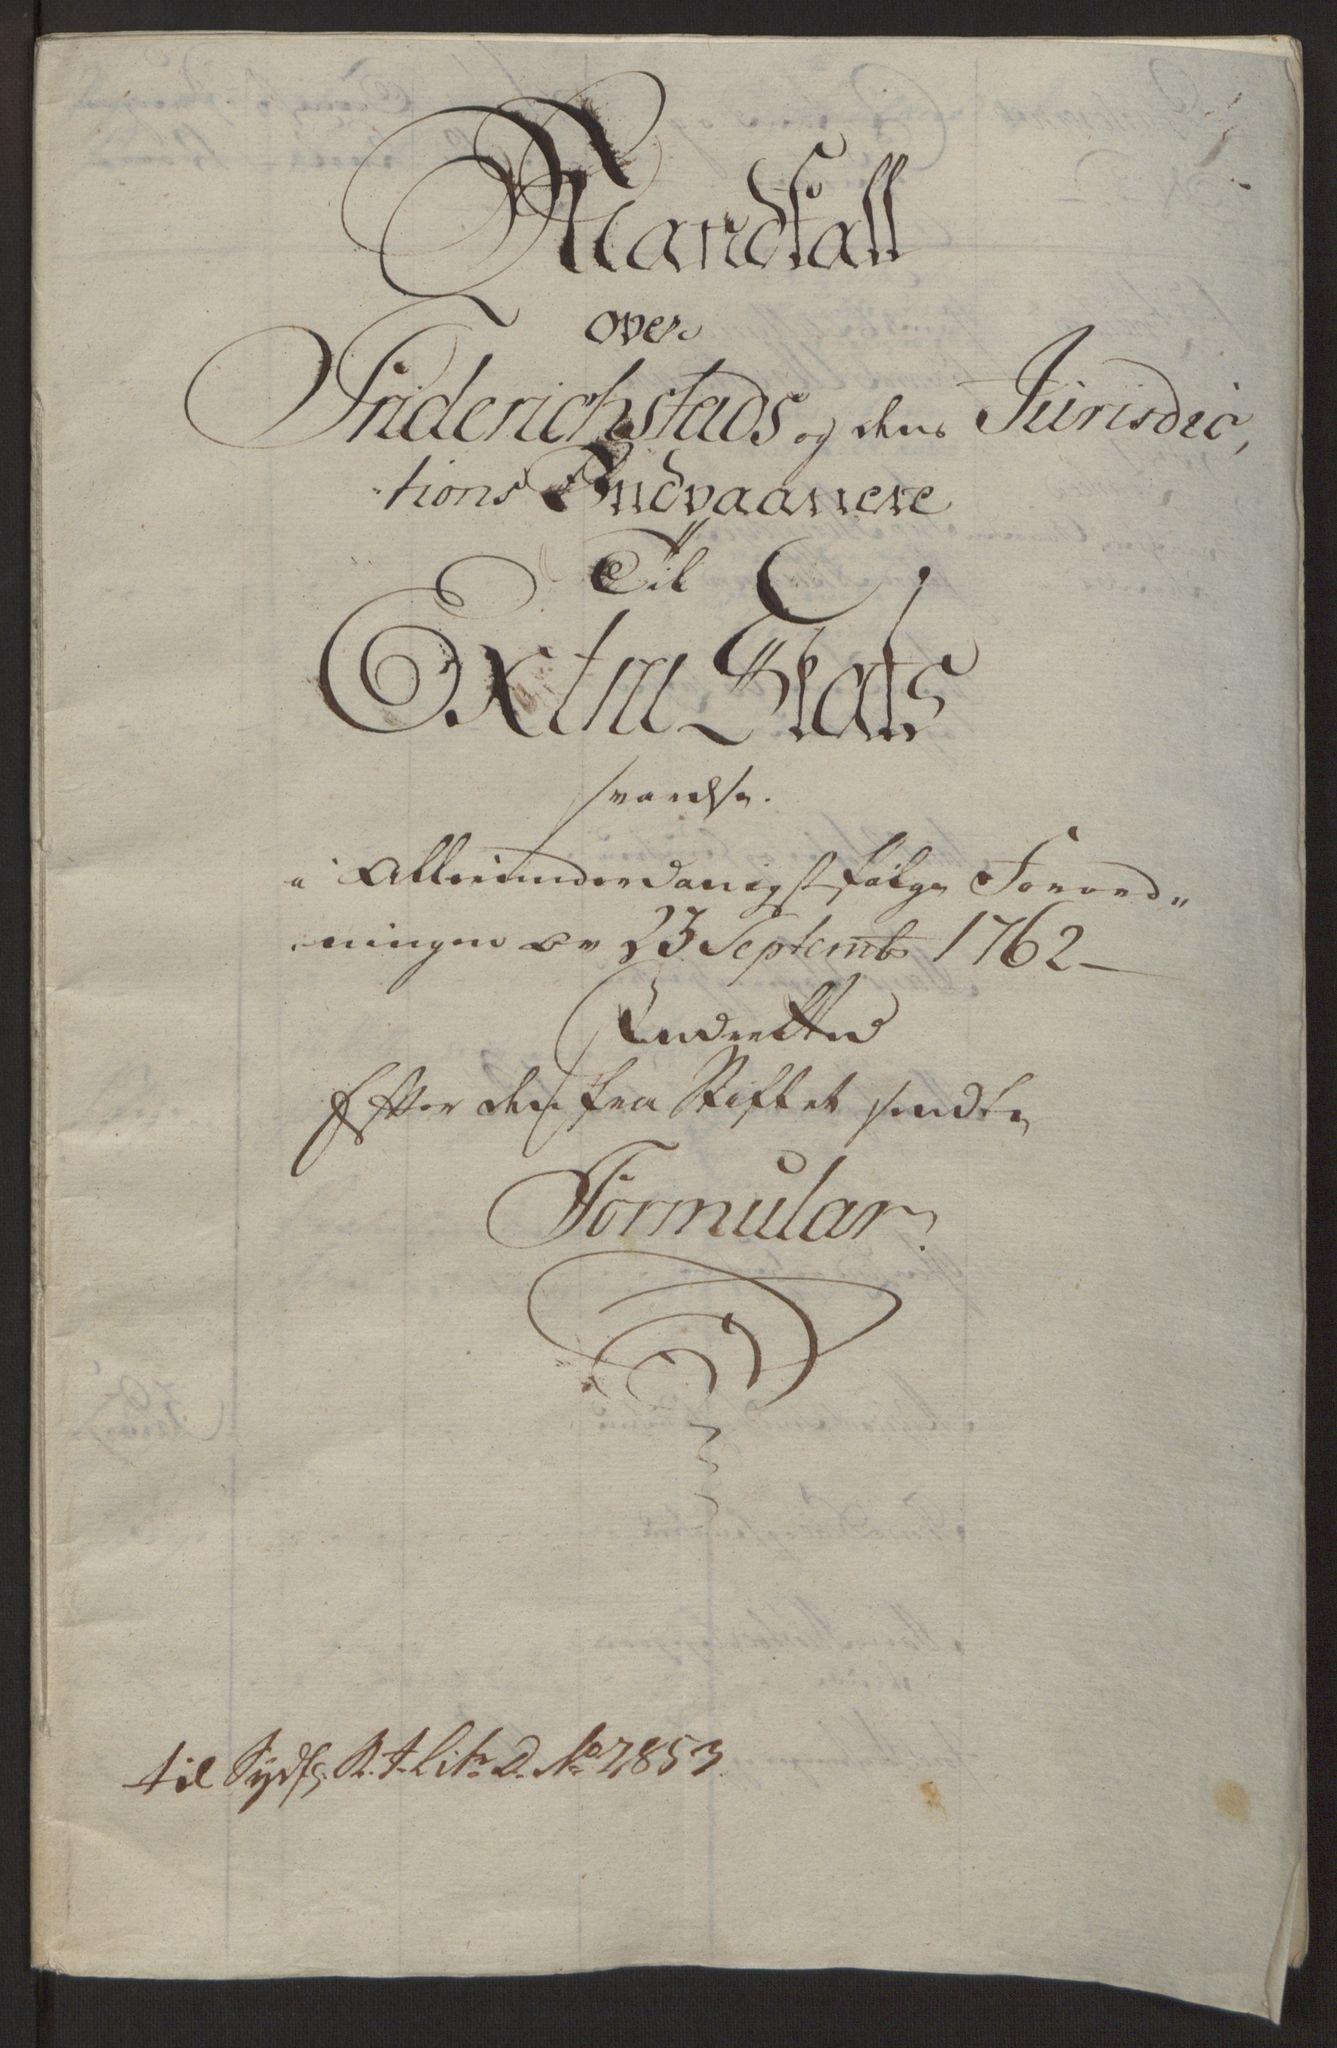 RA, Rentekammeret inntil 1814, Reviderte regnskaper, Byregnskaper, R/Rb/L0029: [B3] Kontribusjonsregnskap, 1762-1772, s. 15